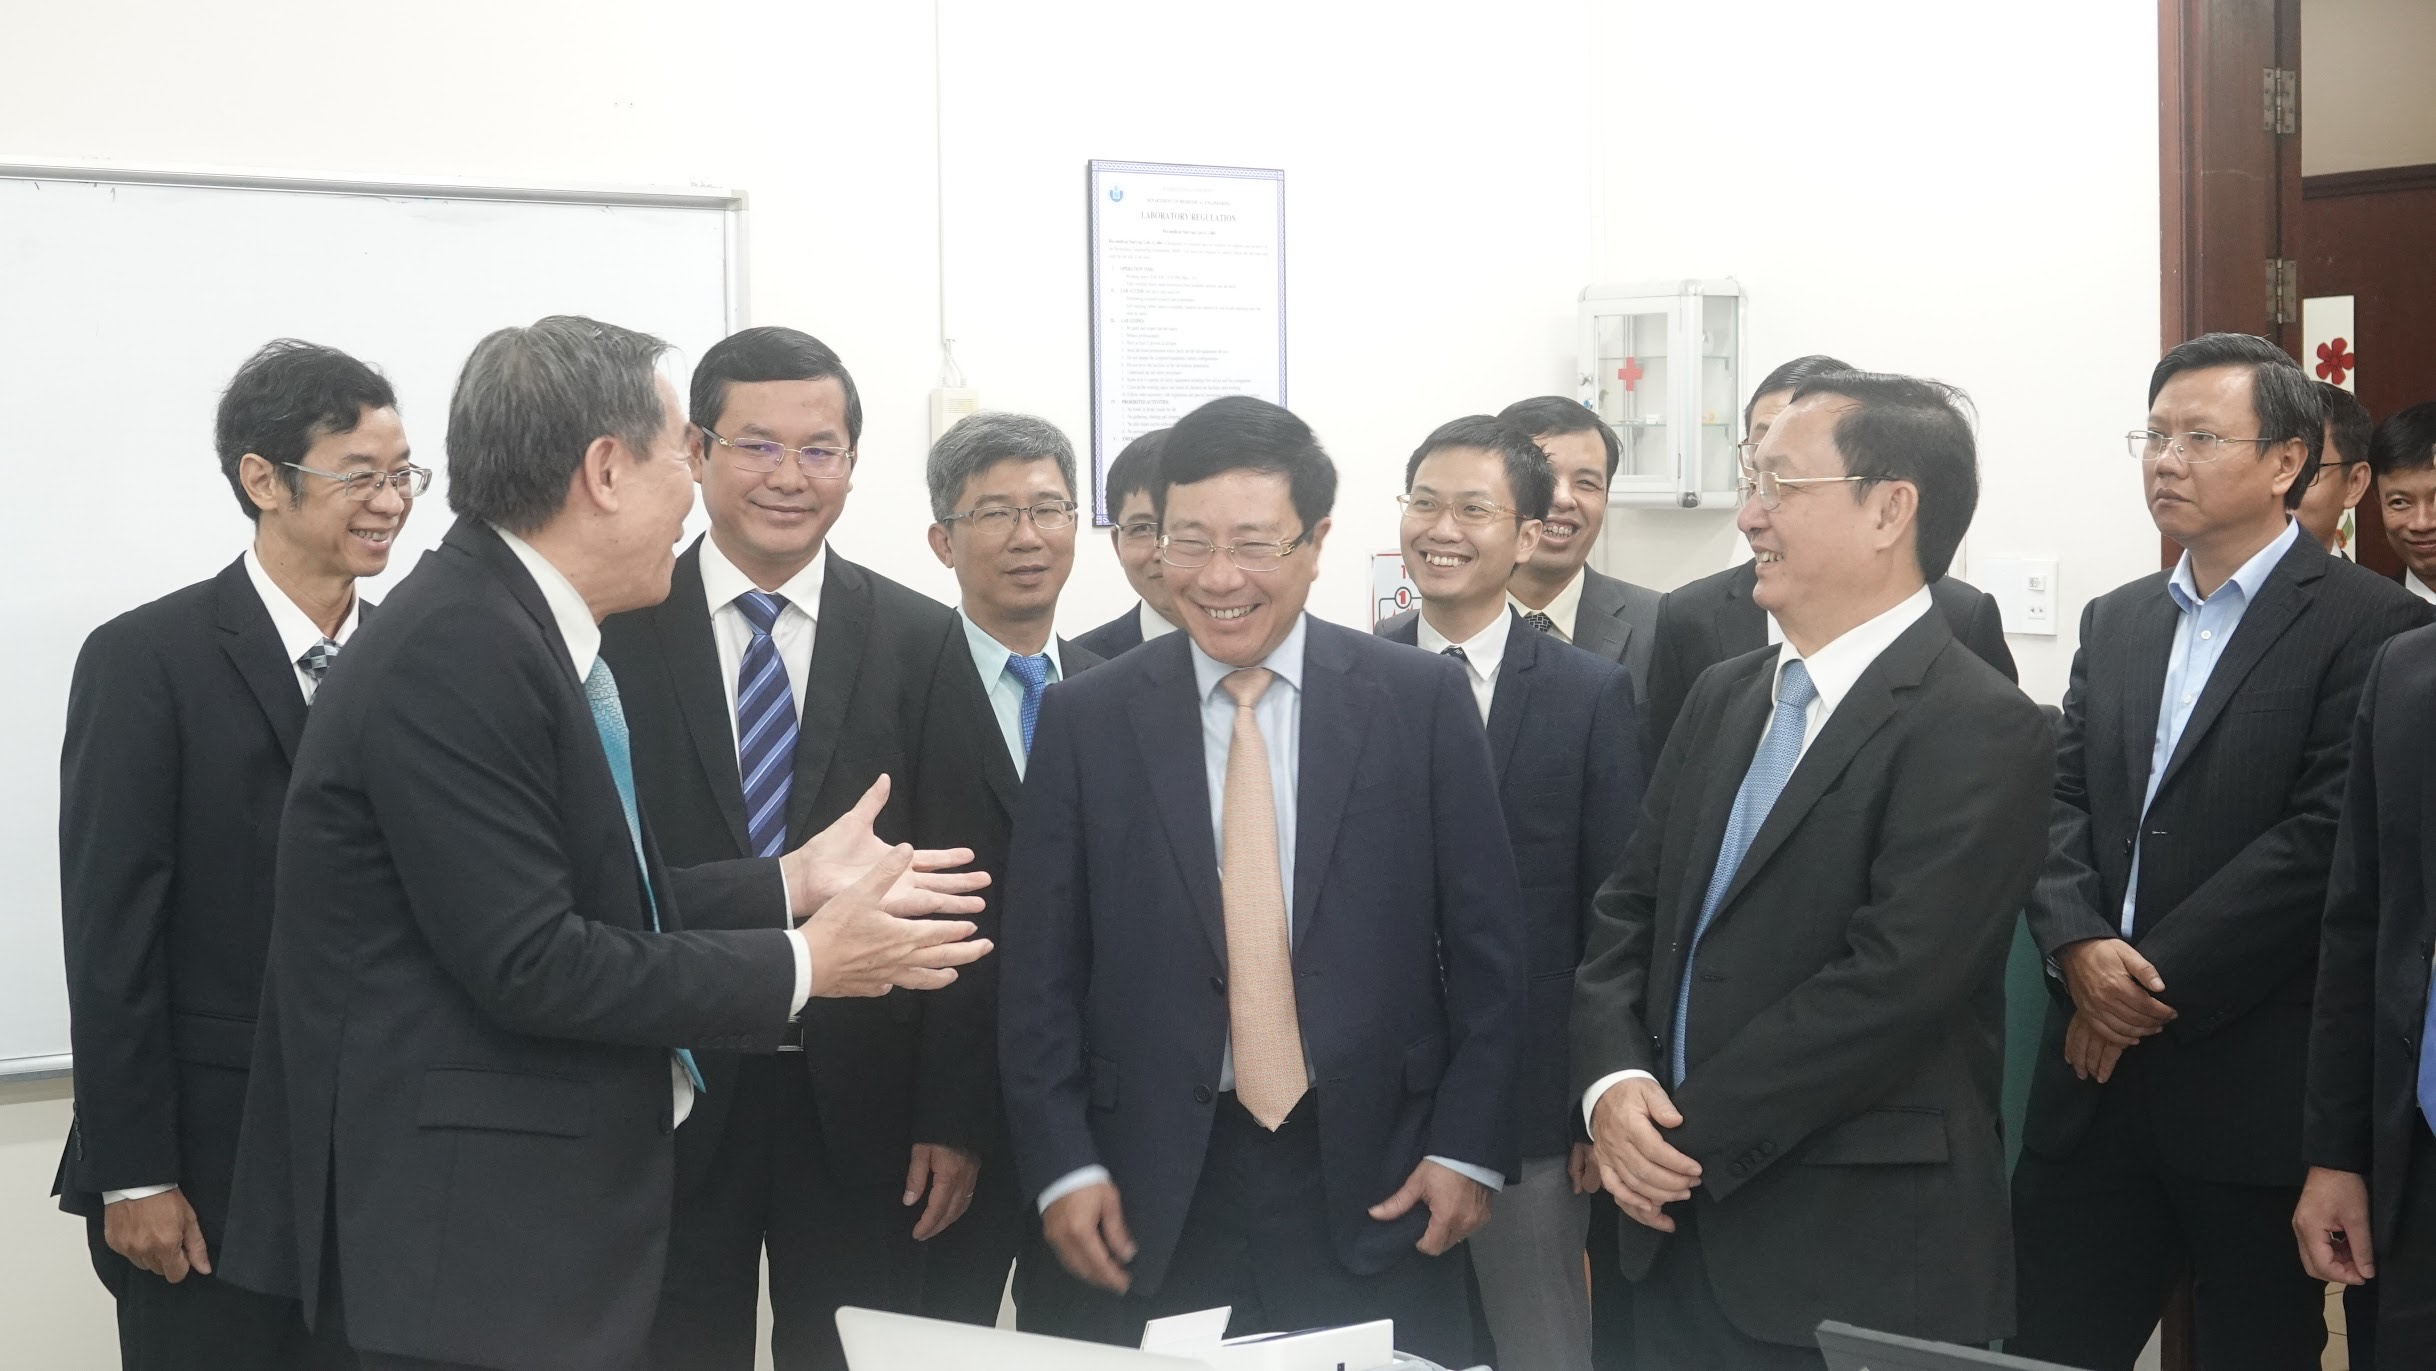 Phó Thủ tướng Phạm Bình Minh và đoàn đại biểu rất ấn tượng khi nghe GS.TS Võ Văn Tới giới thiệu về máy Viễn Áp và hệ thống Viễn Y (telemedicine) của Khoa KTYS